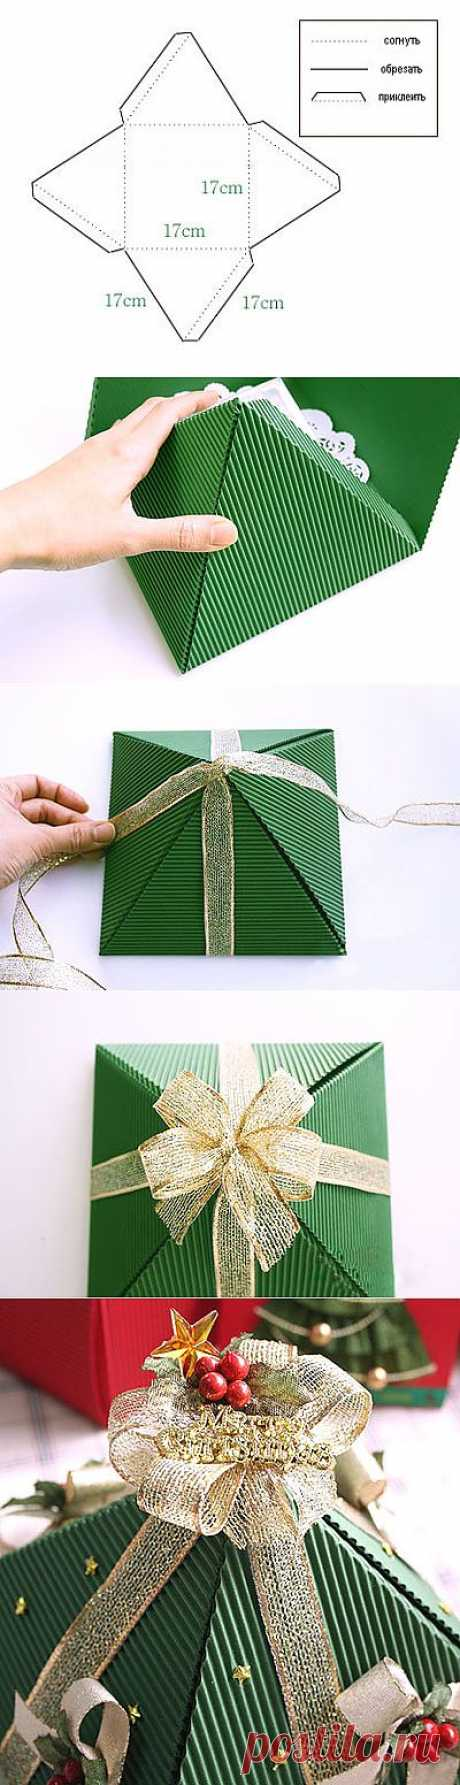 Новогодняя упаковка / Открытки и упаковка / PassionForum - мастер-классы по рукоделию